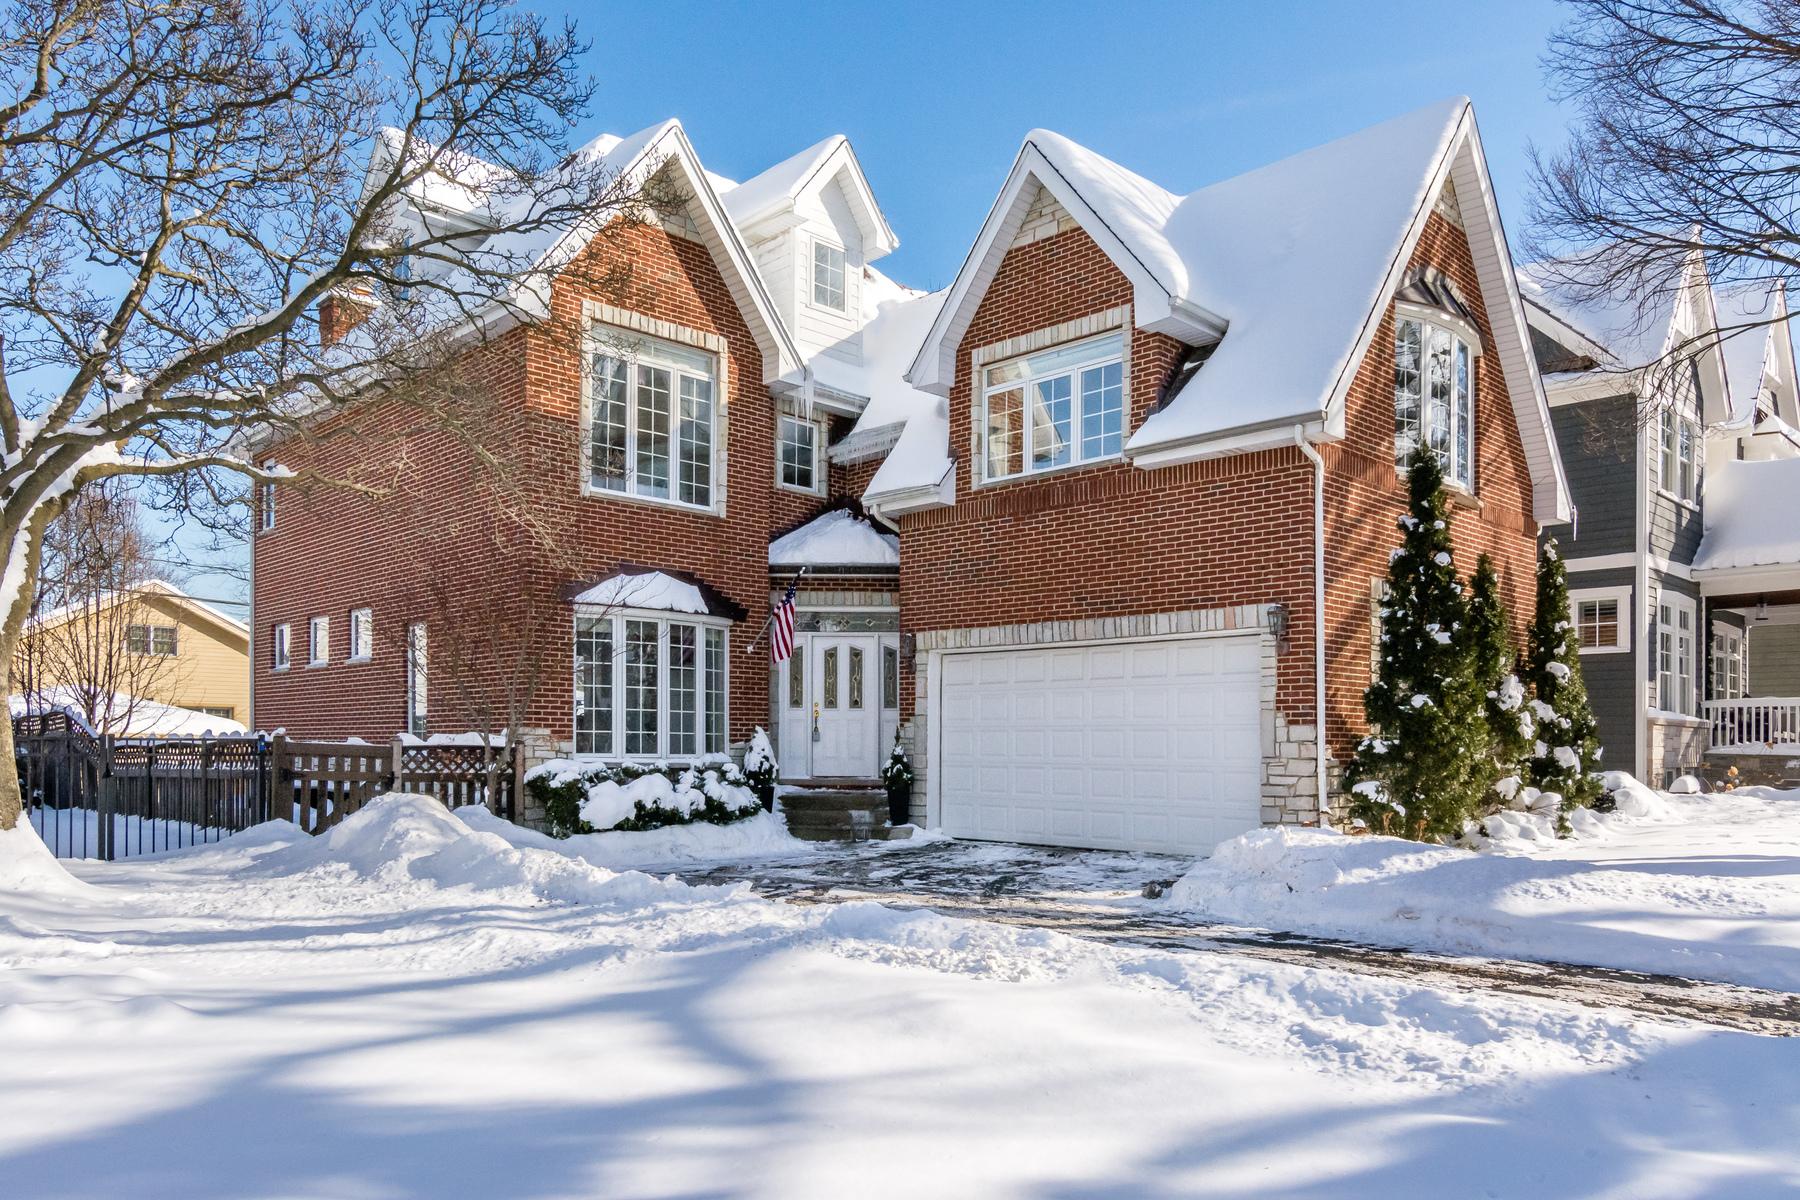 Casa Unifamiliar por un Venta en 207 S. Monroe Hinsdale, Illinois, 60521 Estados Unidos